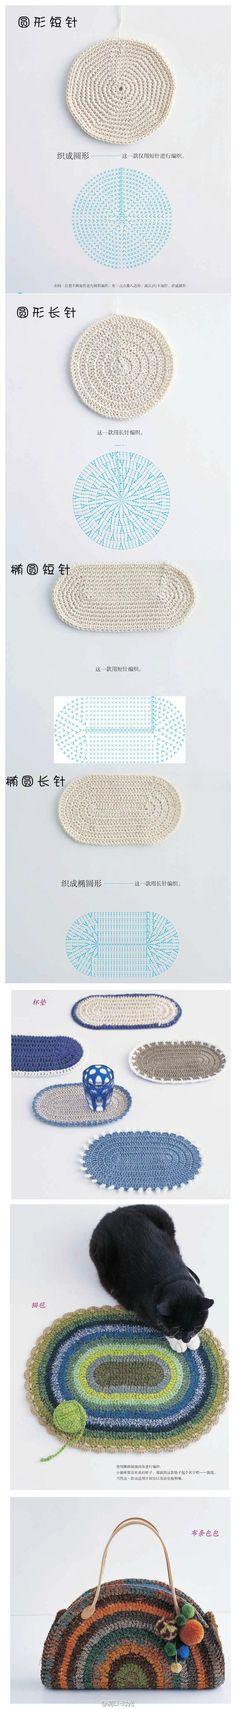 Schéma ou diagramme pour crochet